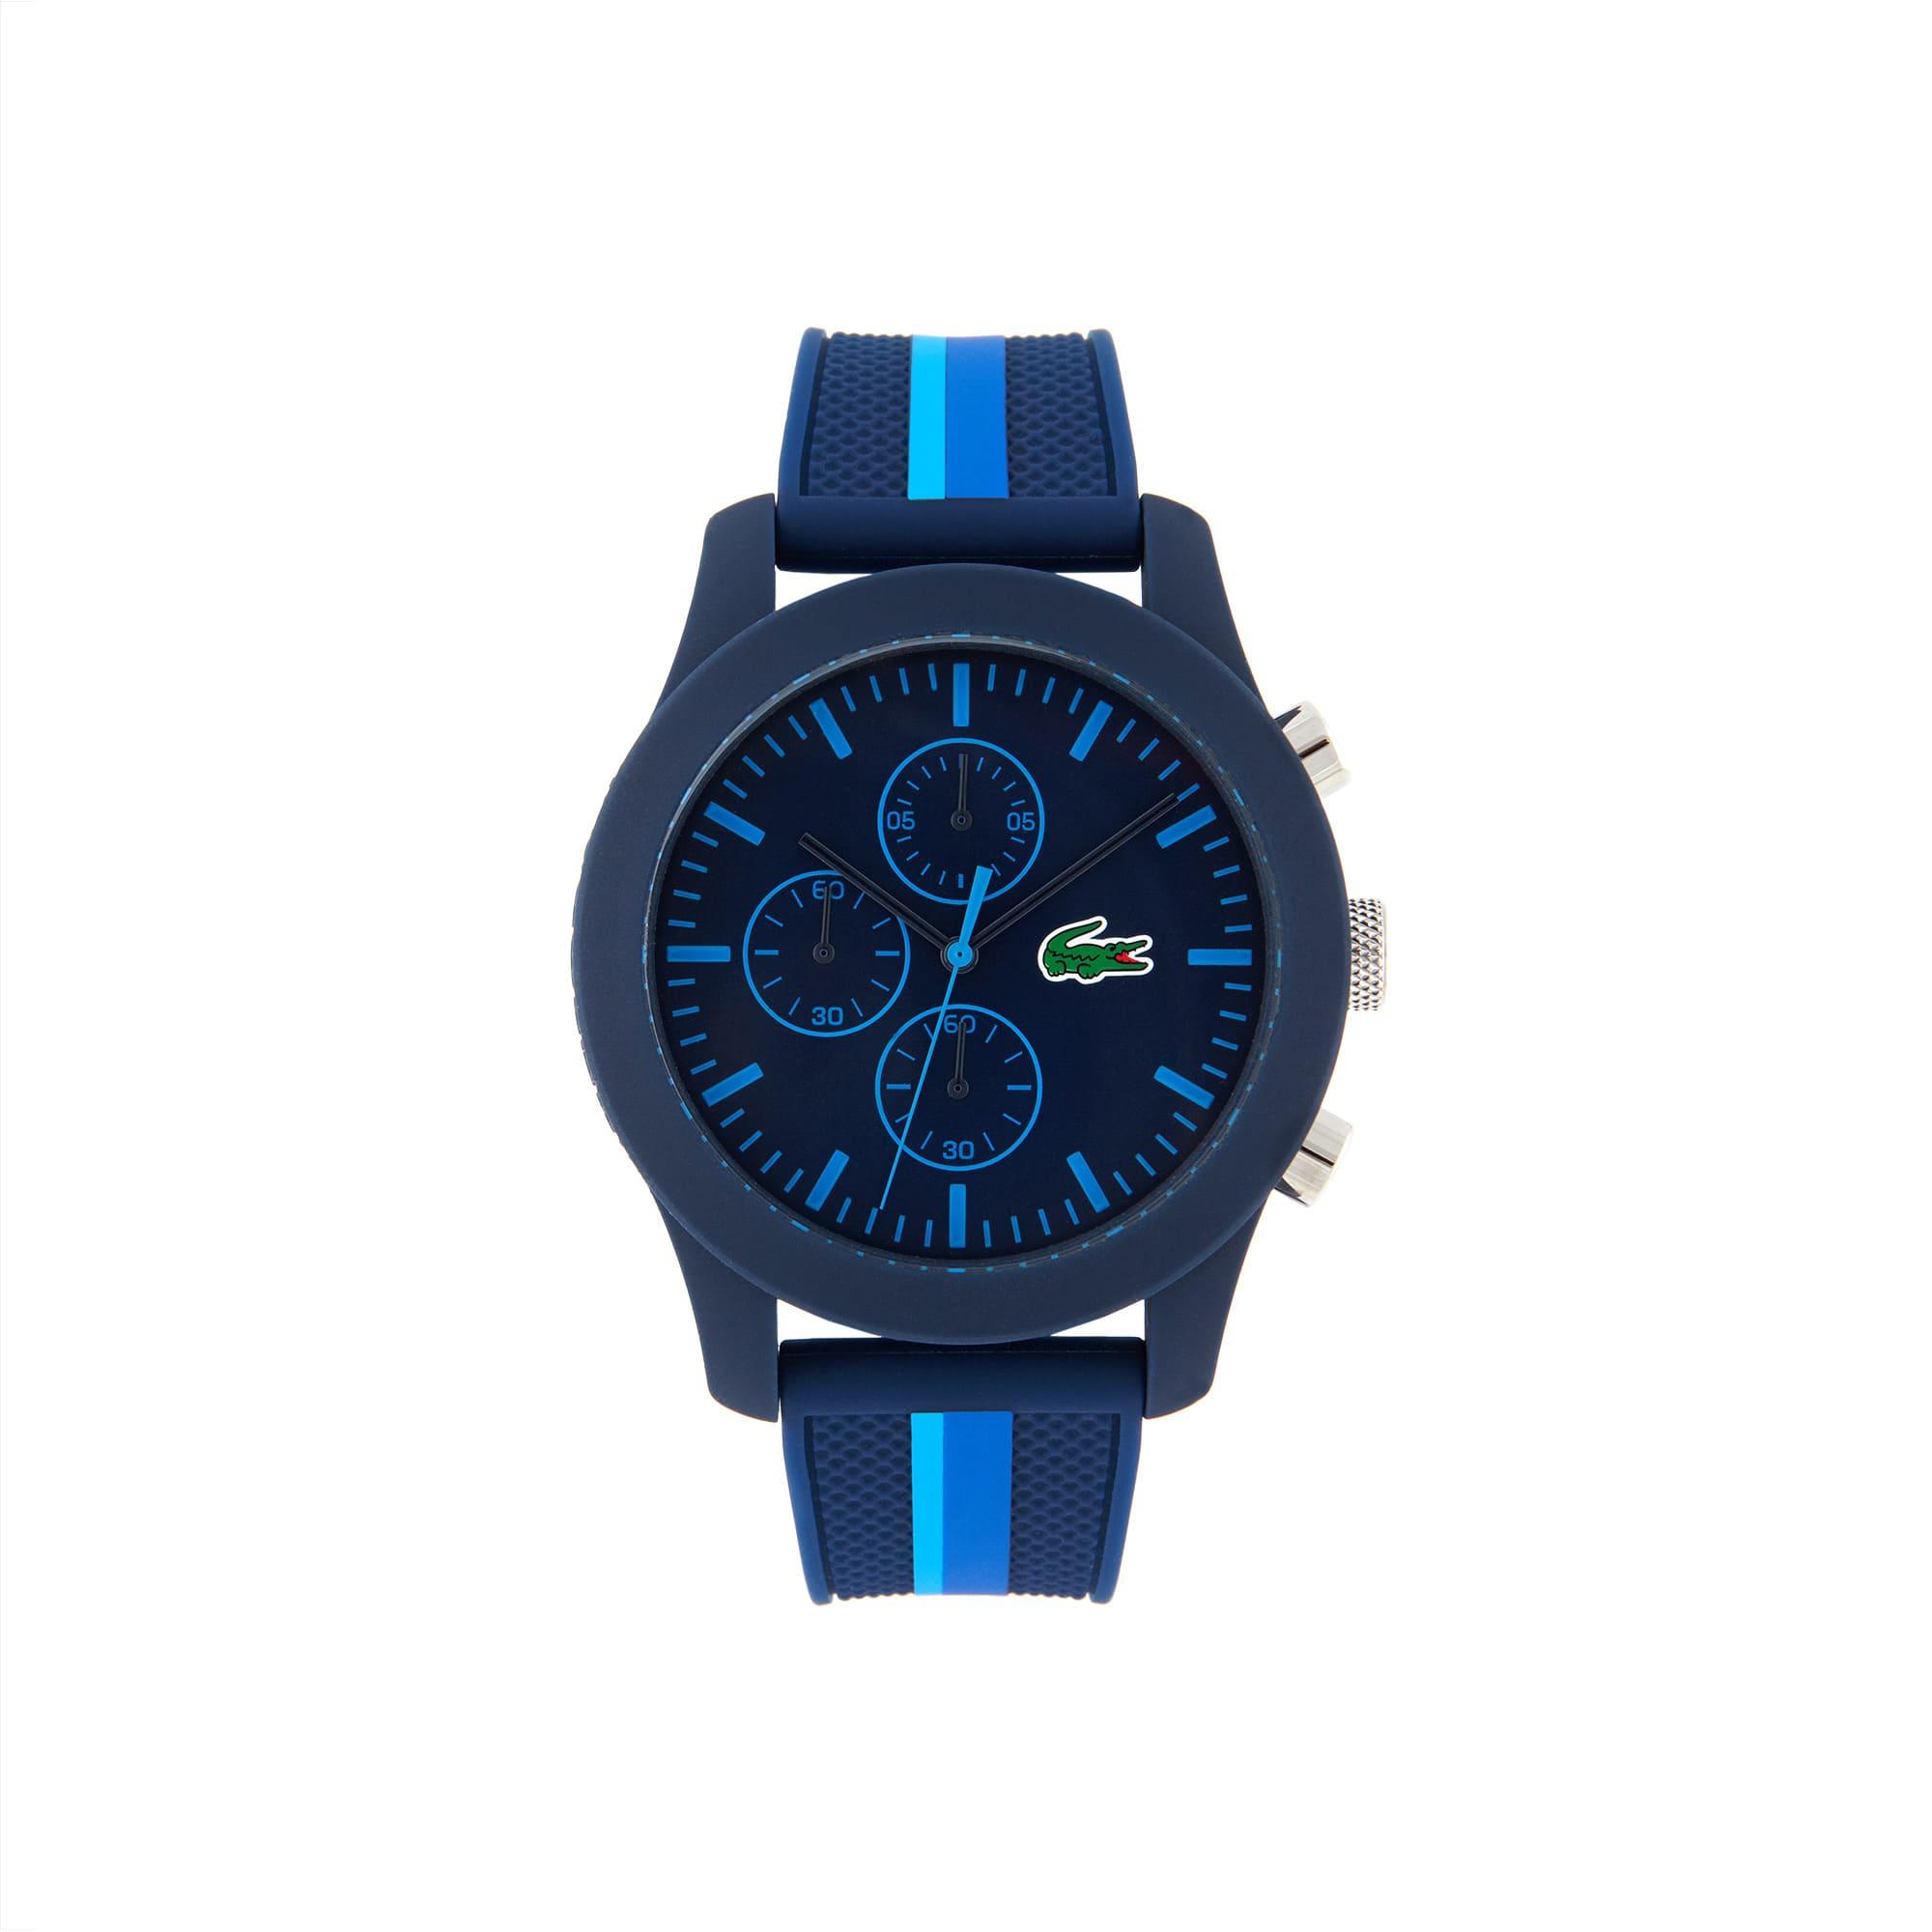 ساعة Lacoste L12.12 مع حزام أزرق من السيليكون